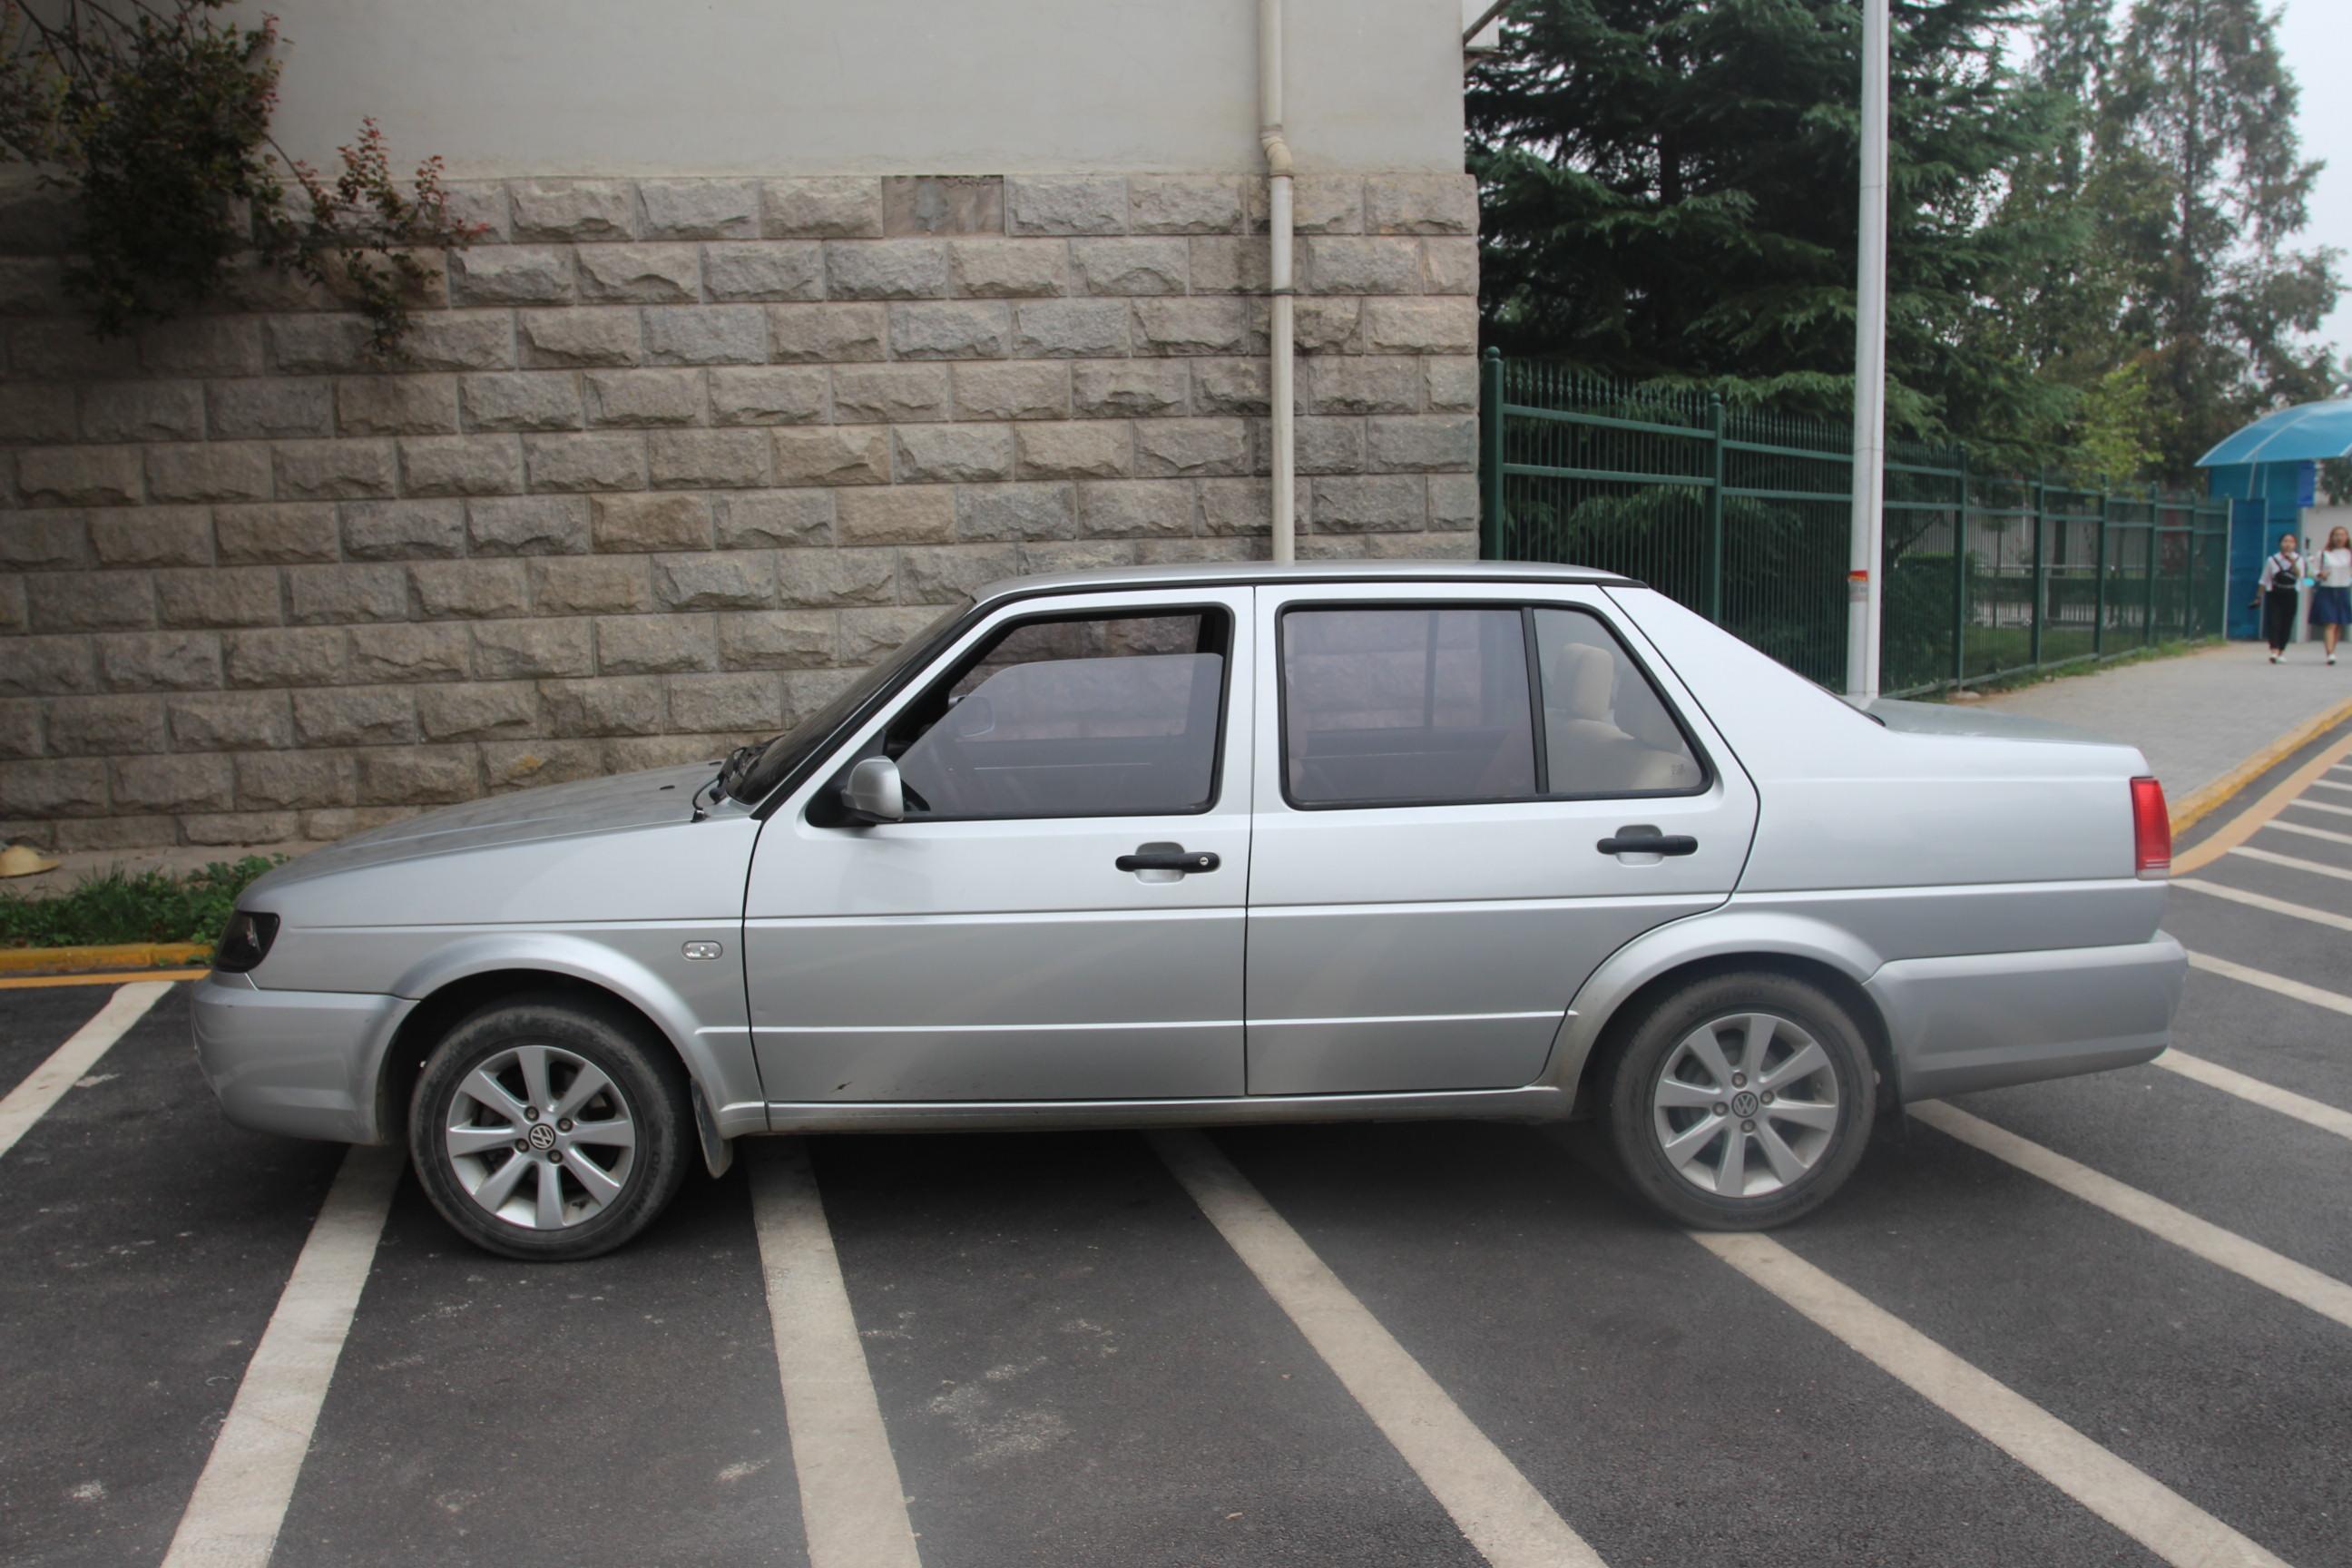 漆面保持较好,车身结构无修复,无重大事故